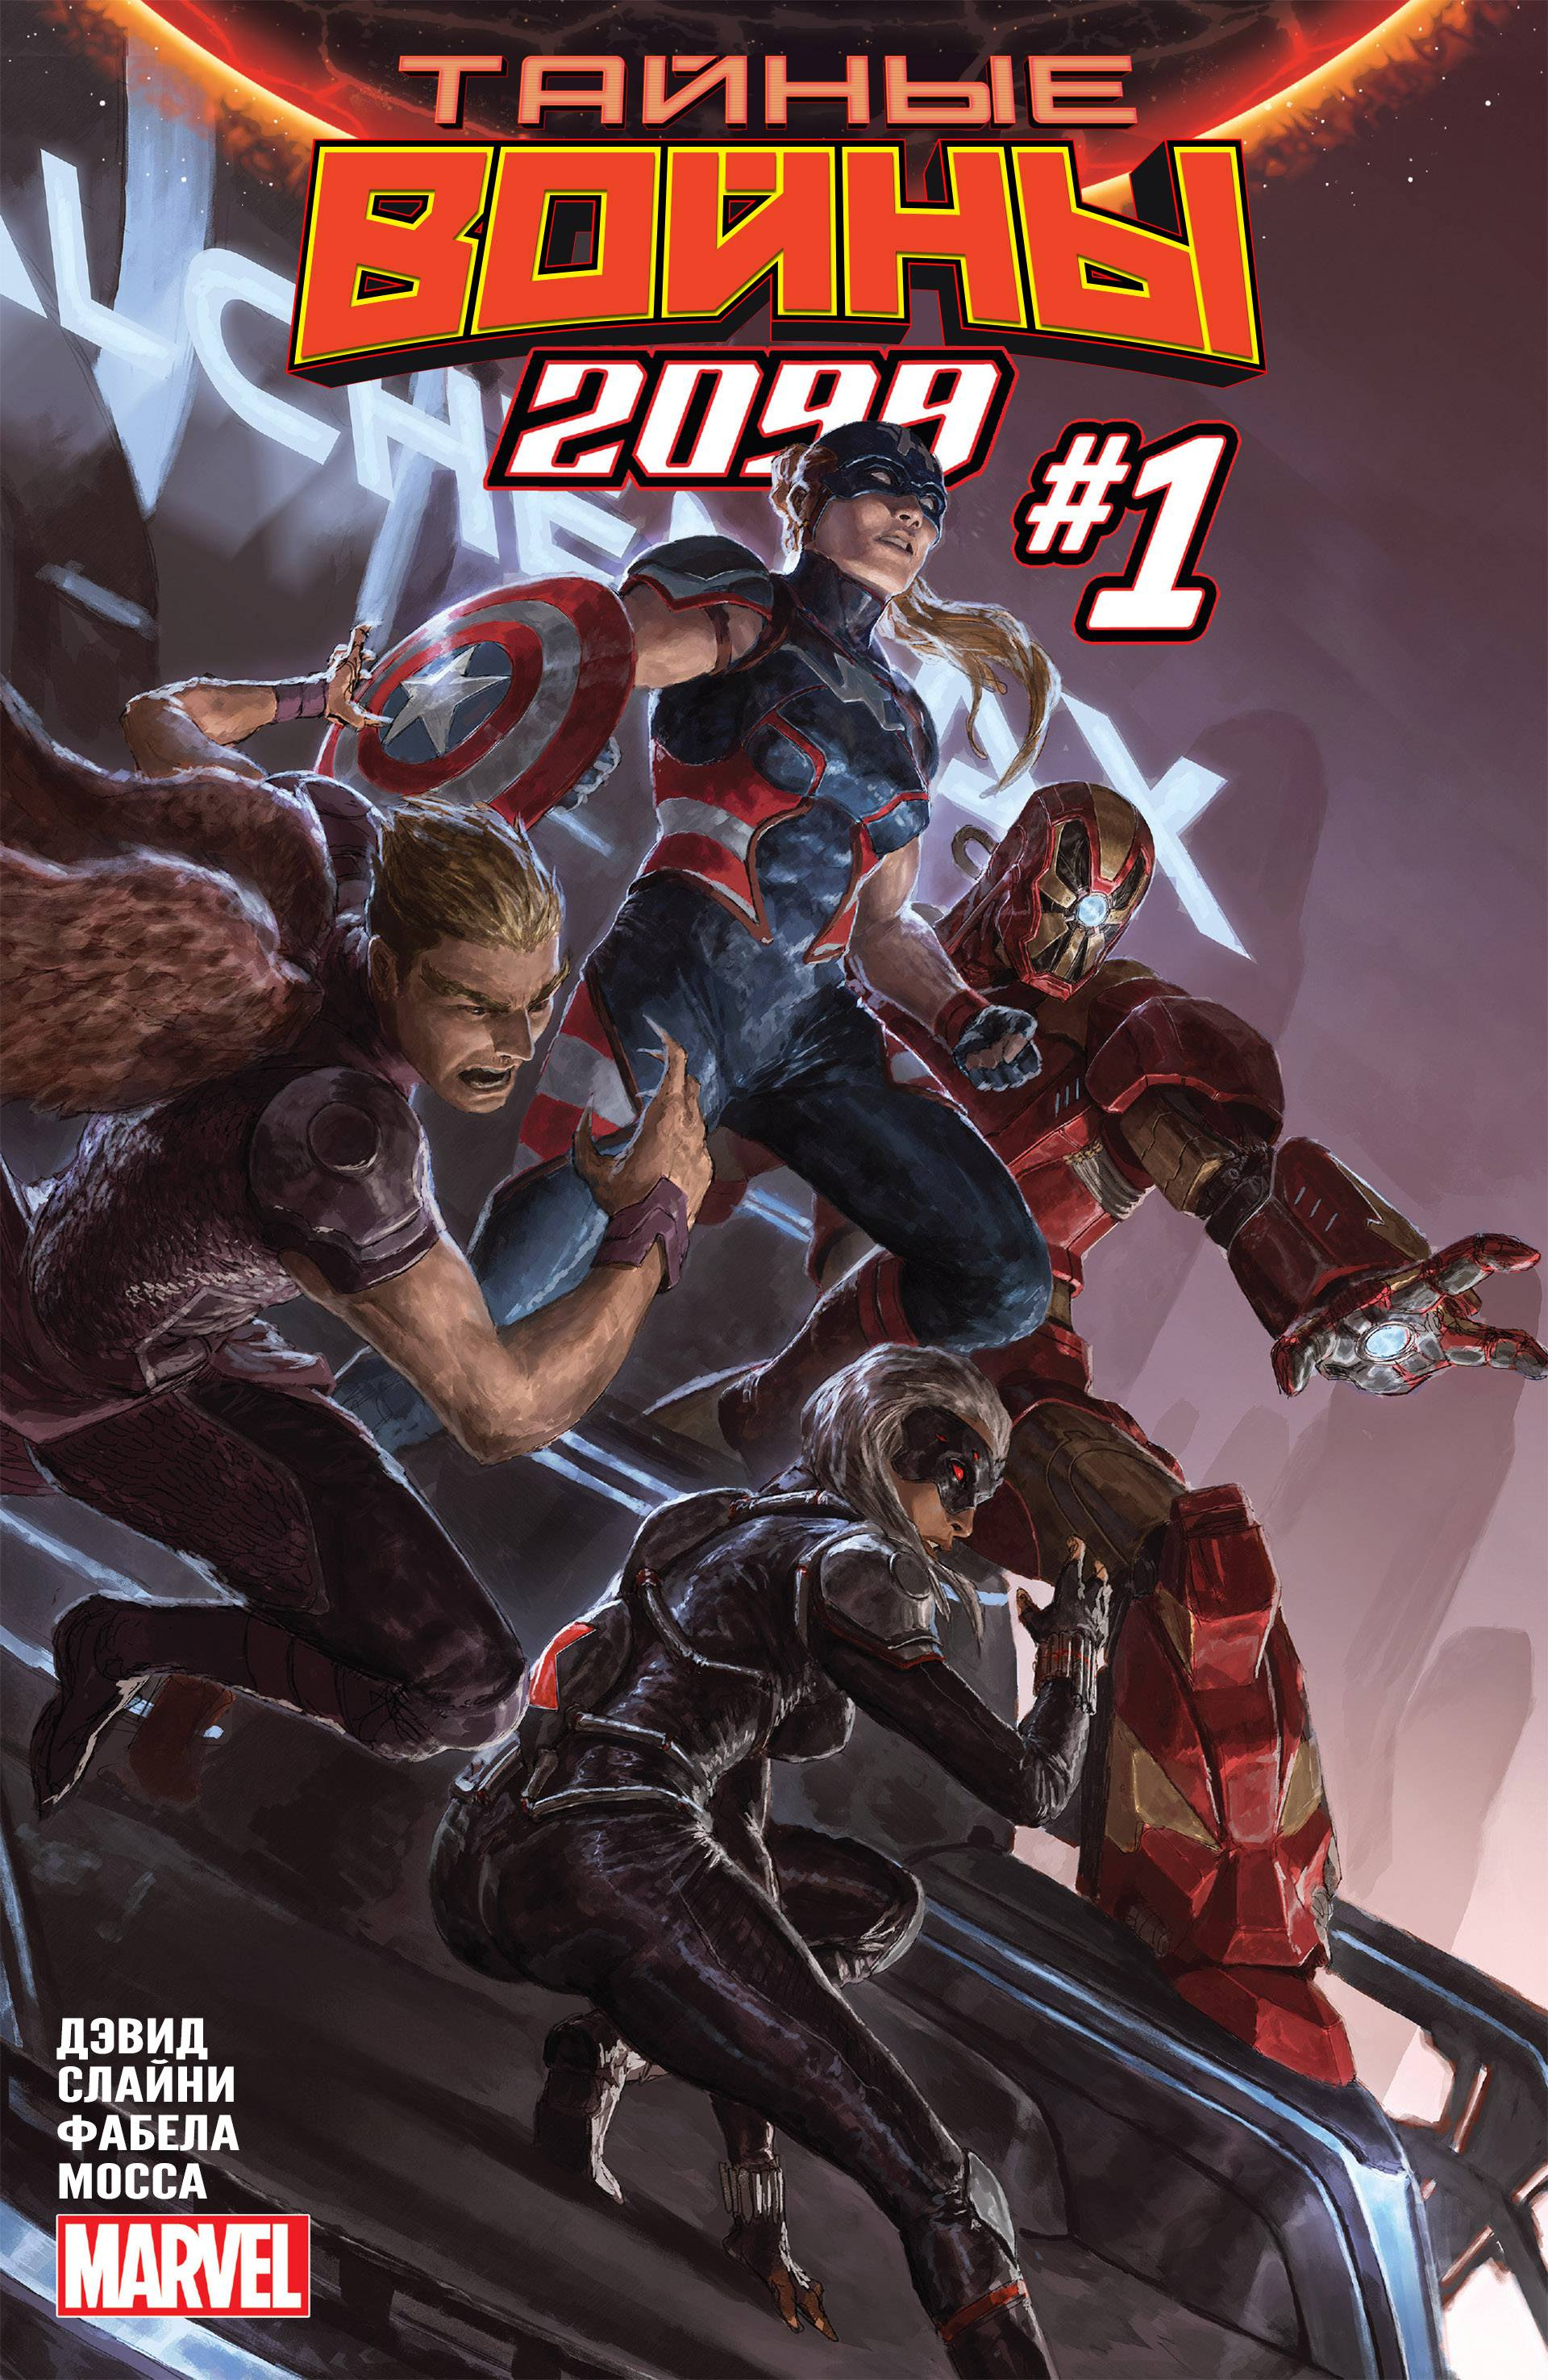 Тайные Войны 2099 №1 онлайн